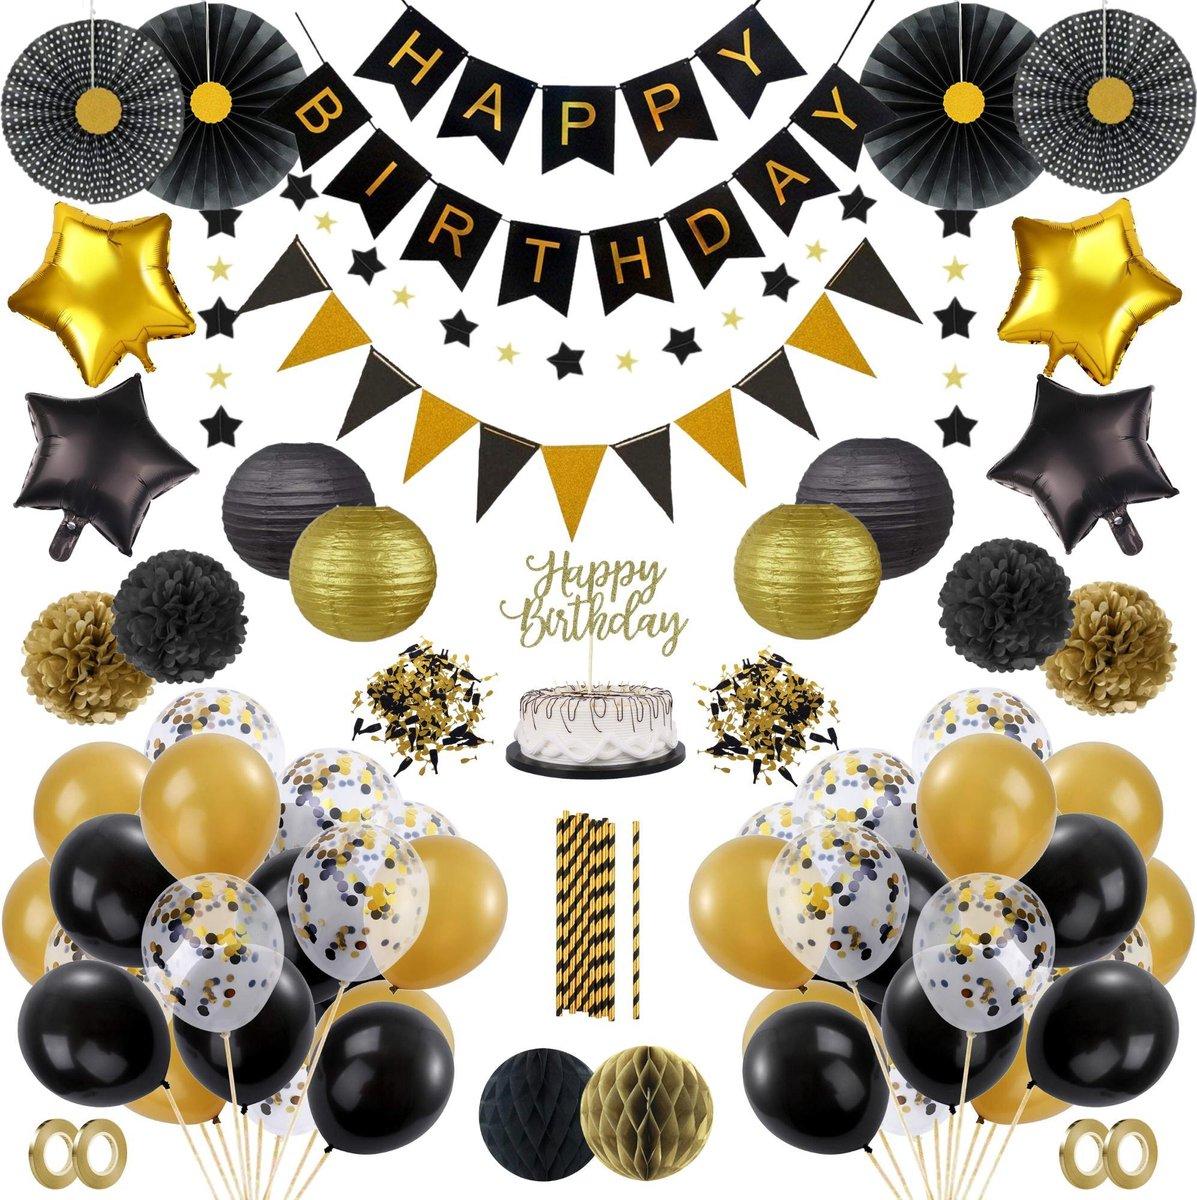 Betere bol.com   Partizzle® Verjaardag Versiering Set - Ballonnen Man DK-97